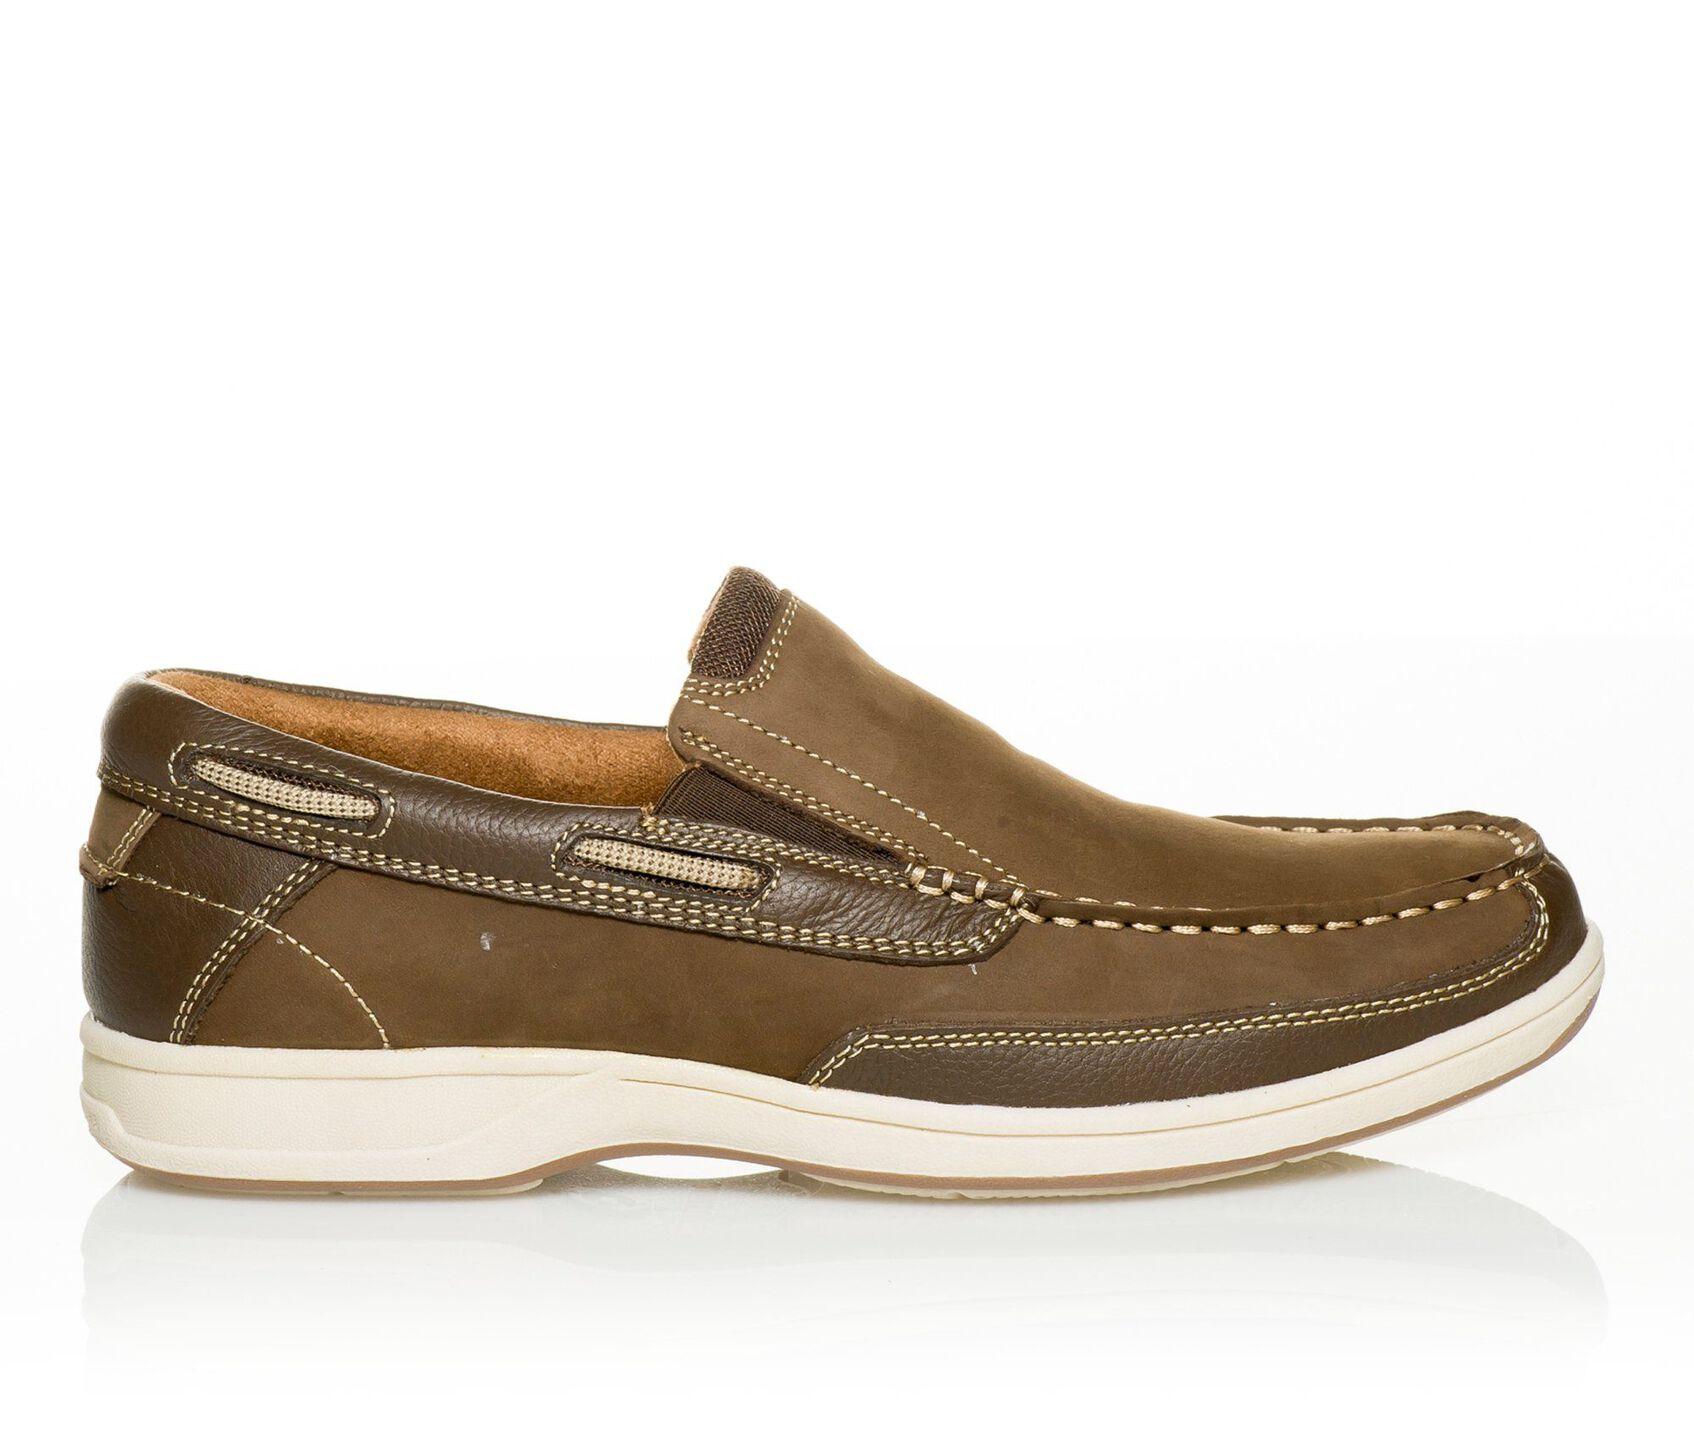 2fe8e85b0 Men's Florsheim Lakeside Slip Boat Shoes | Shoe Carnival